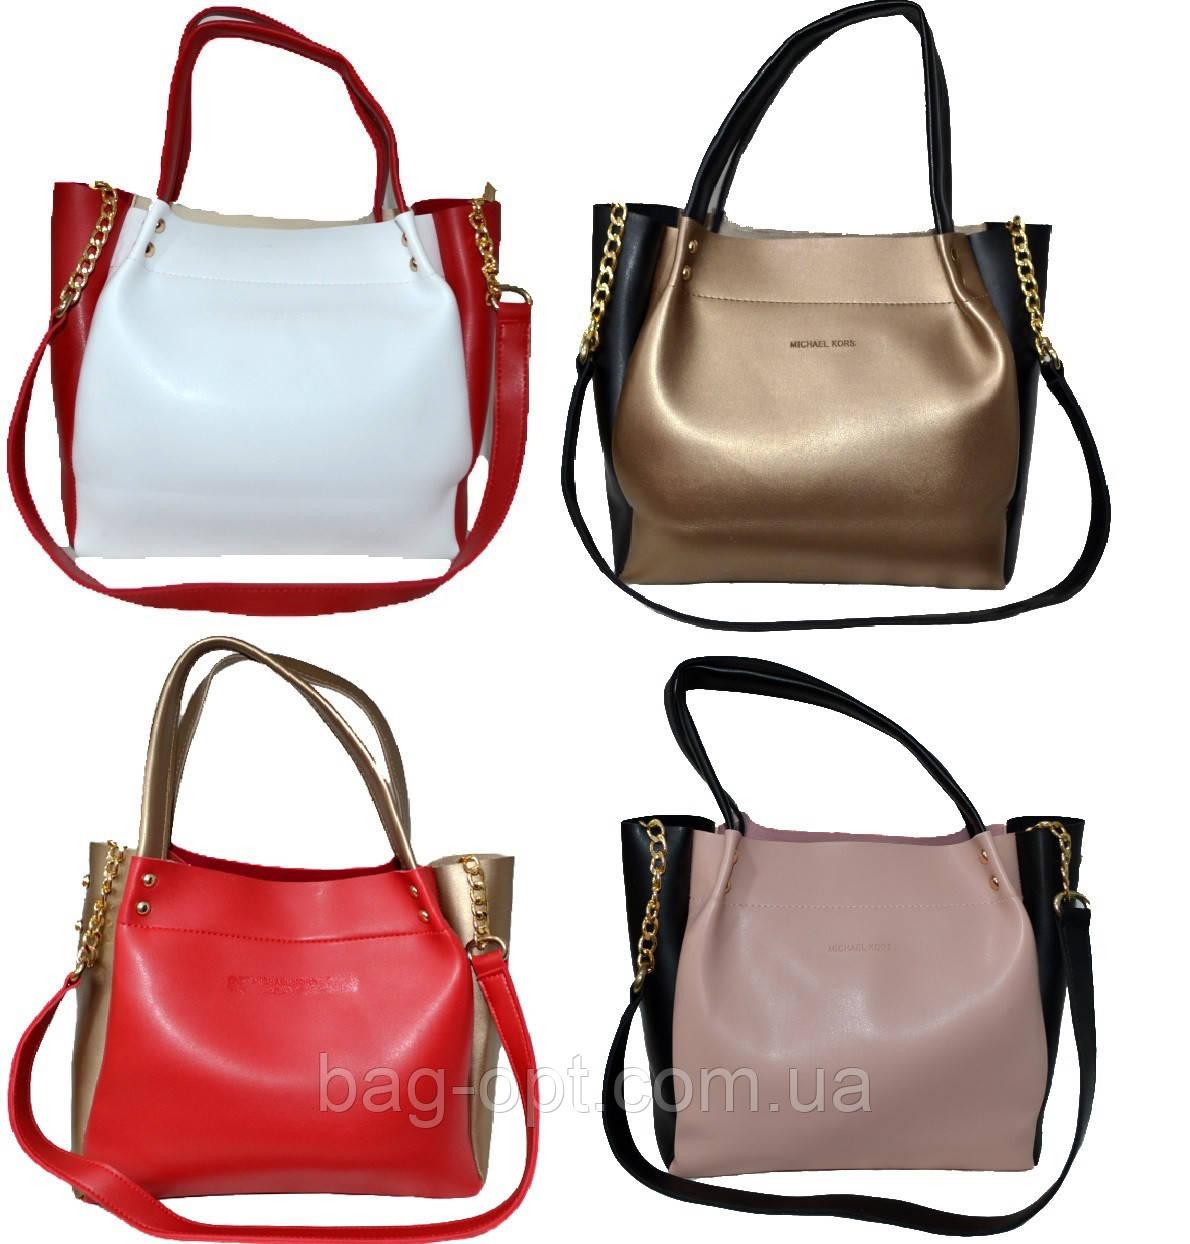 8e66a0d2037f Женская сумка с вставками бренд MK (25*26*11): продажа, цена в ...